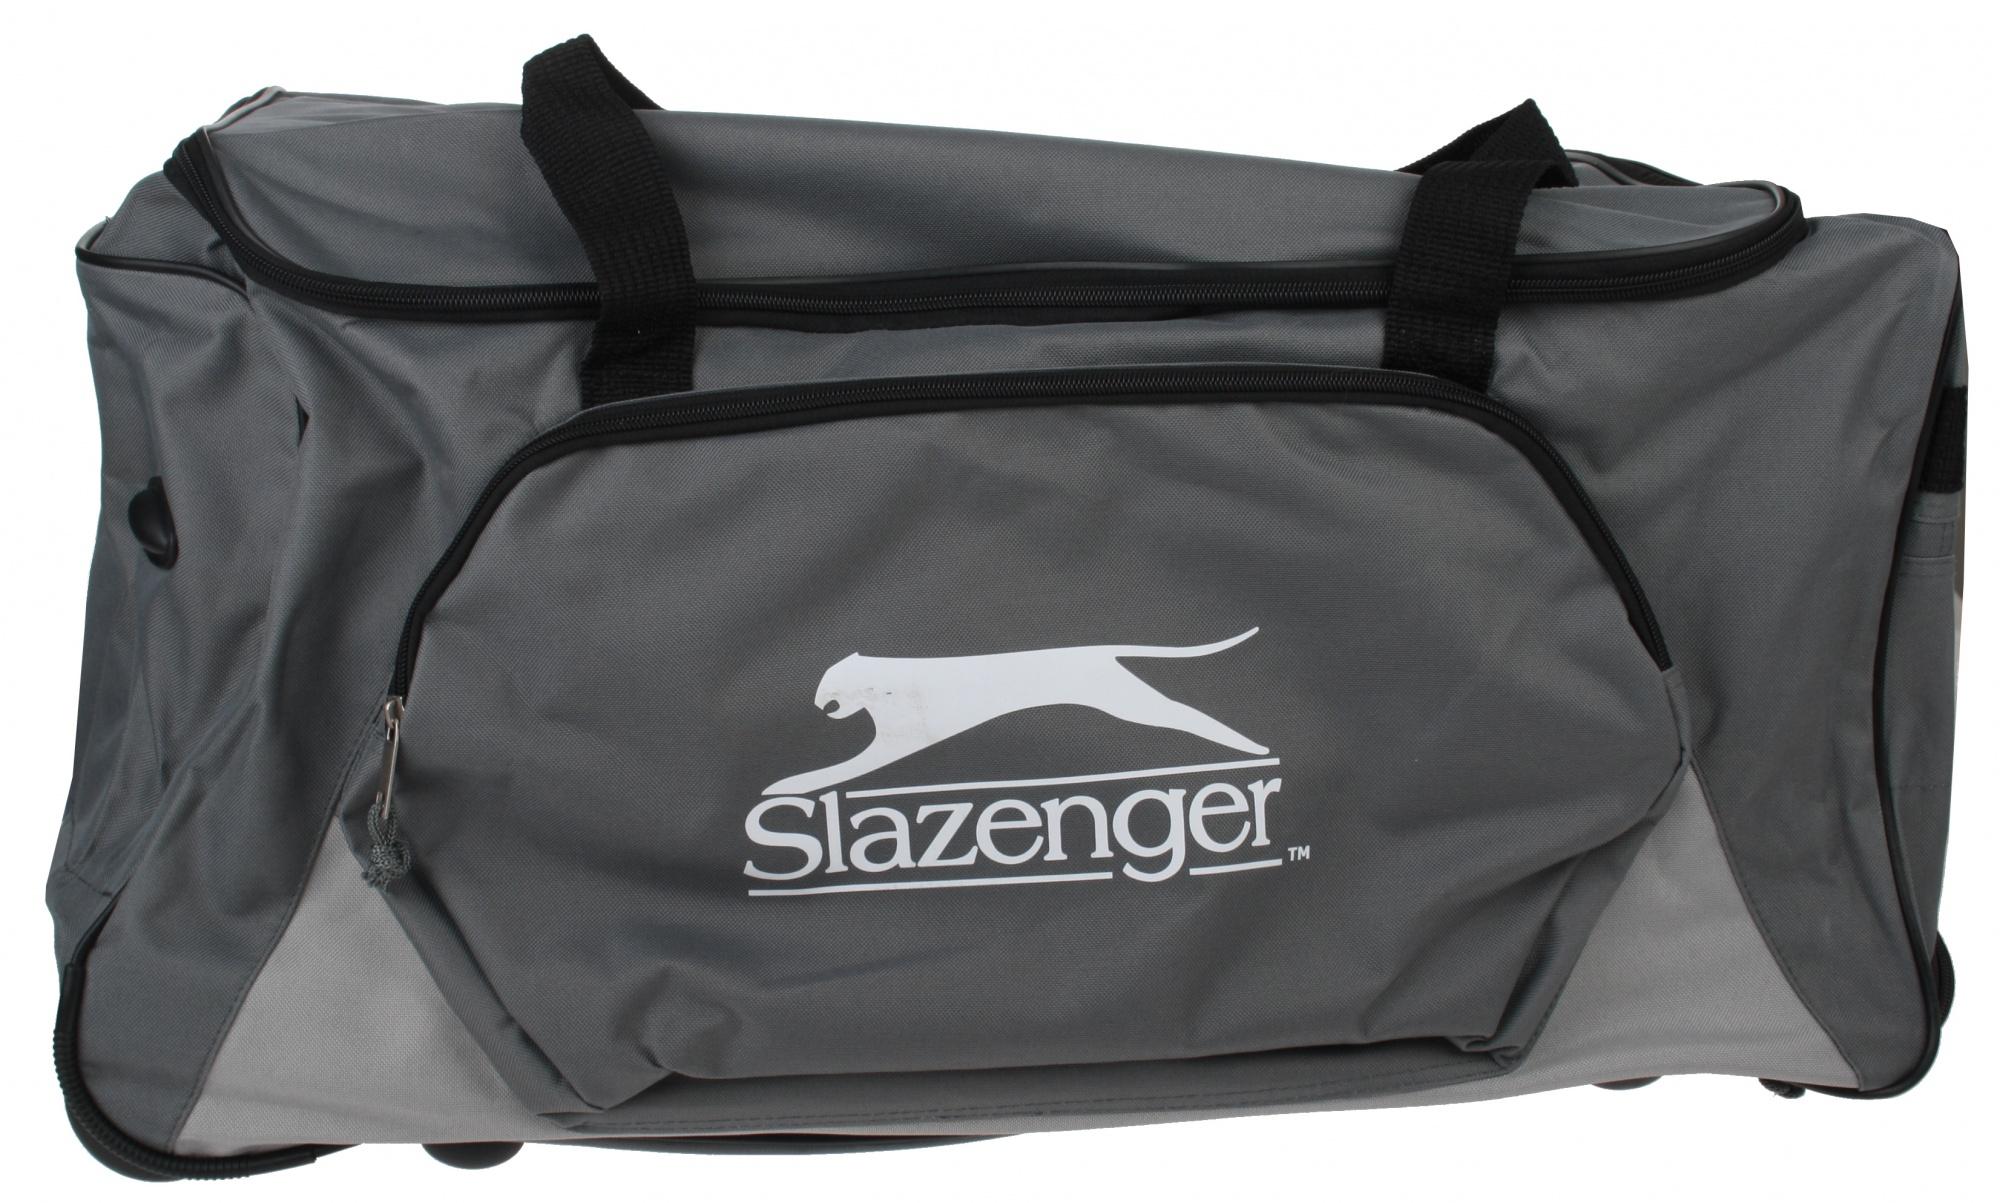 f249d87e79 Negozio di sconti online,Slazenger Bag Medium